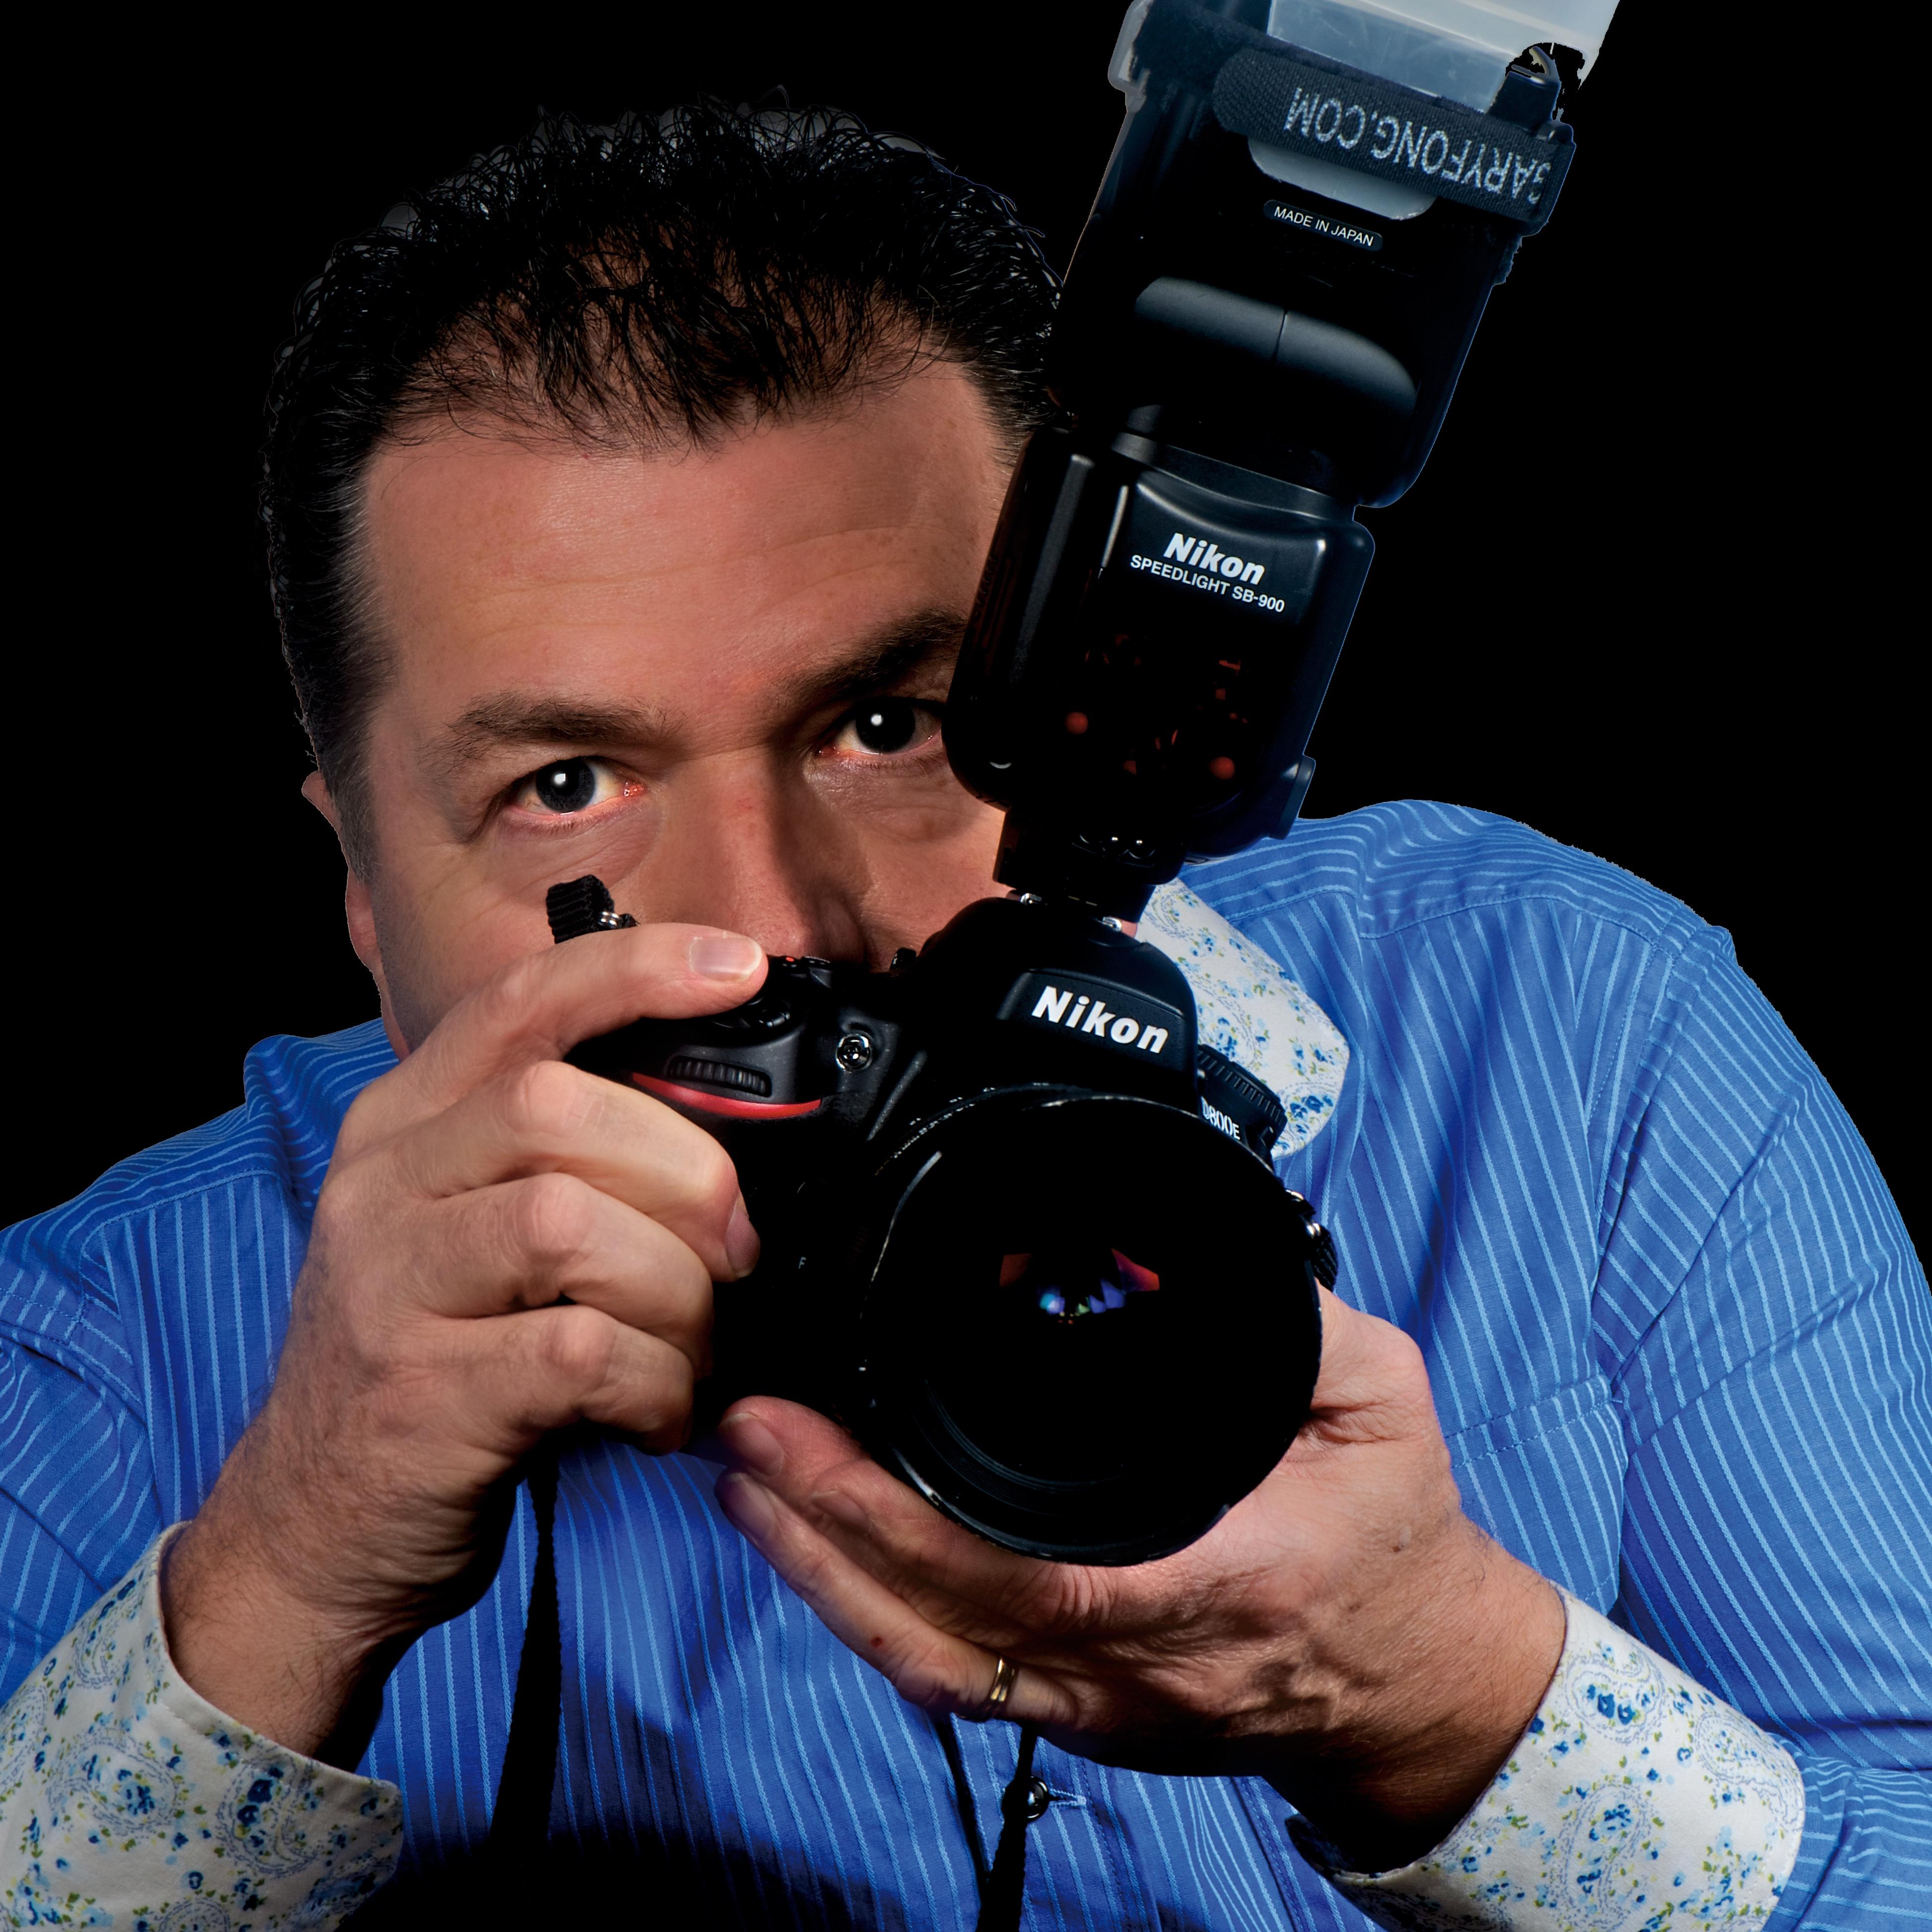 Herby mit Kamera schwarz